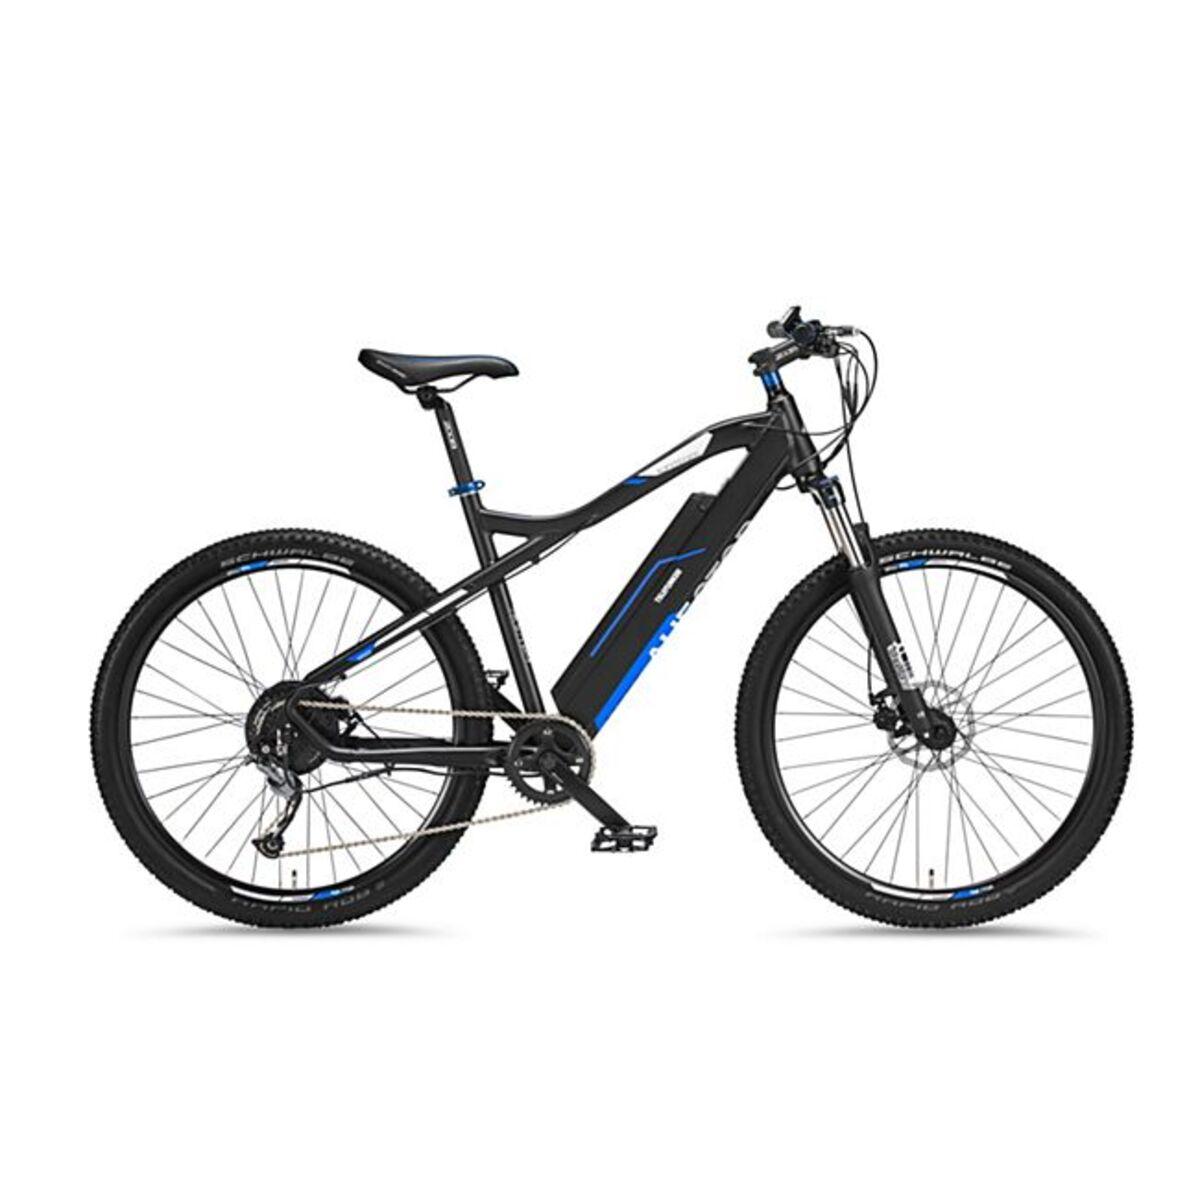 """Bild 1 von Telefunken Alu MTB Hardtail 27,5"""" Mountain E-Bike Blau"""